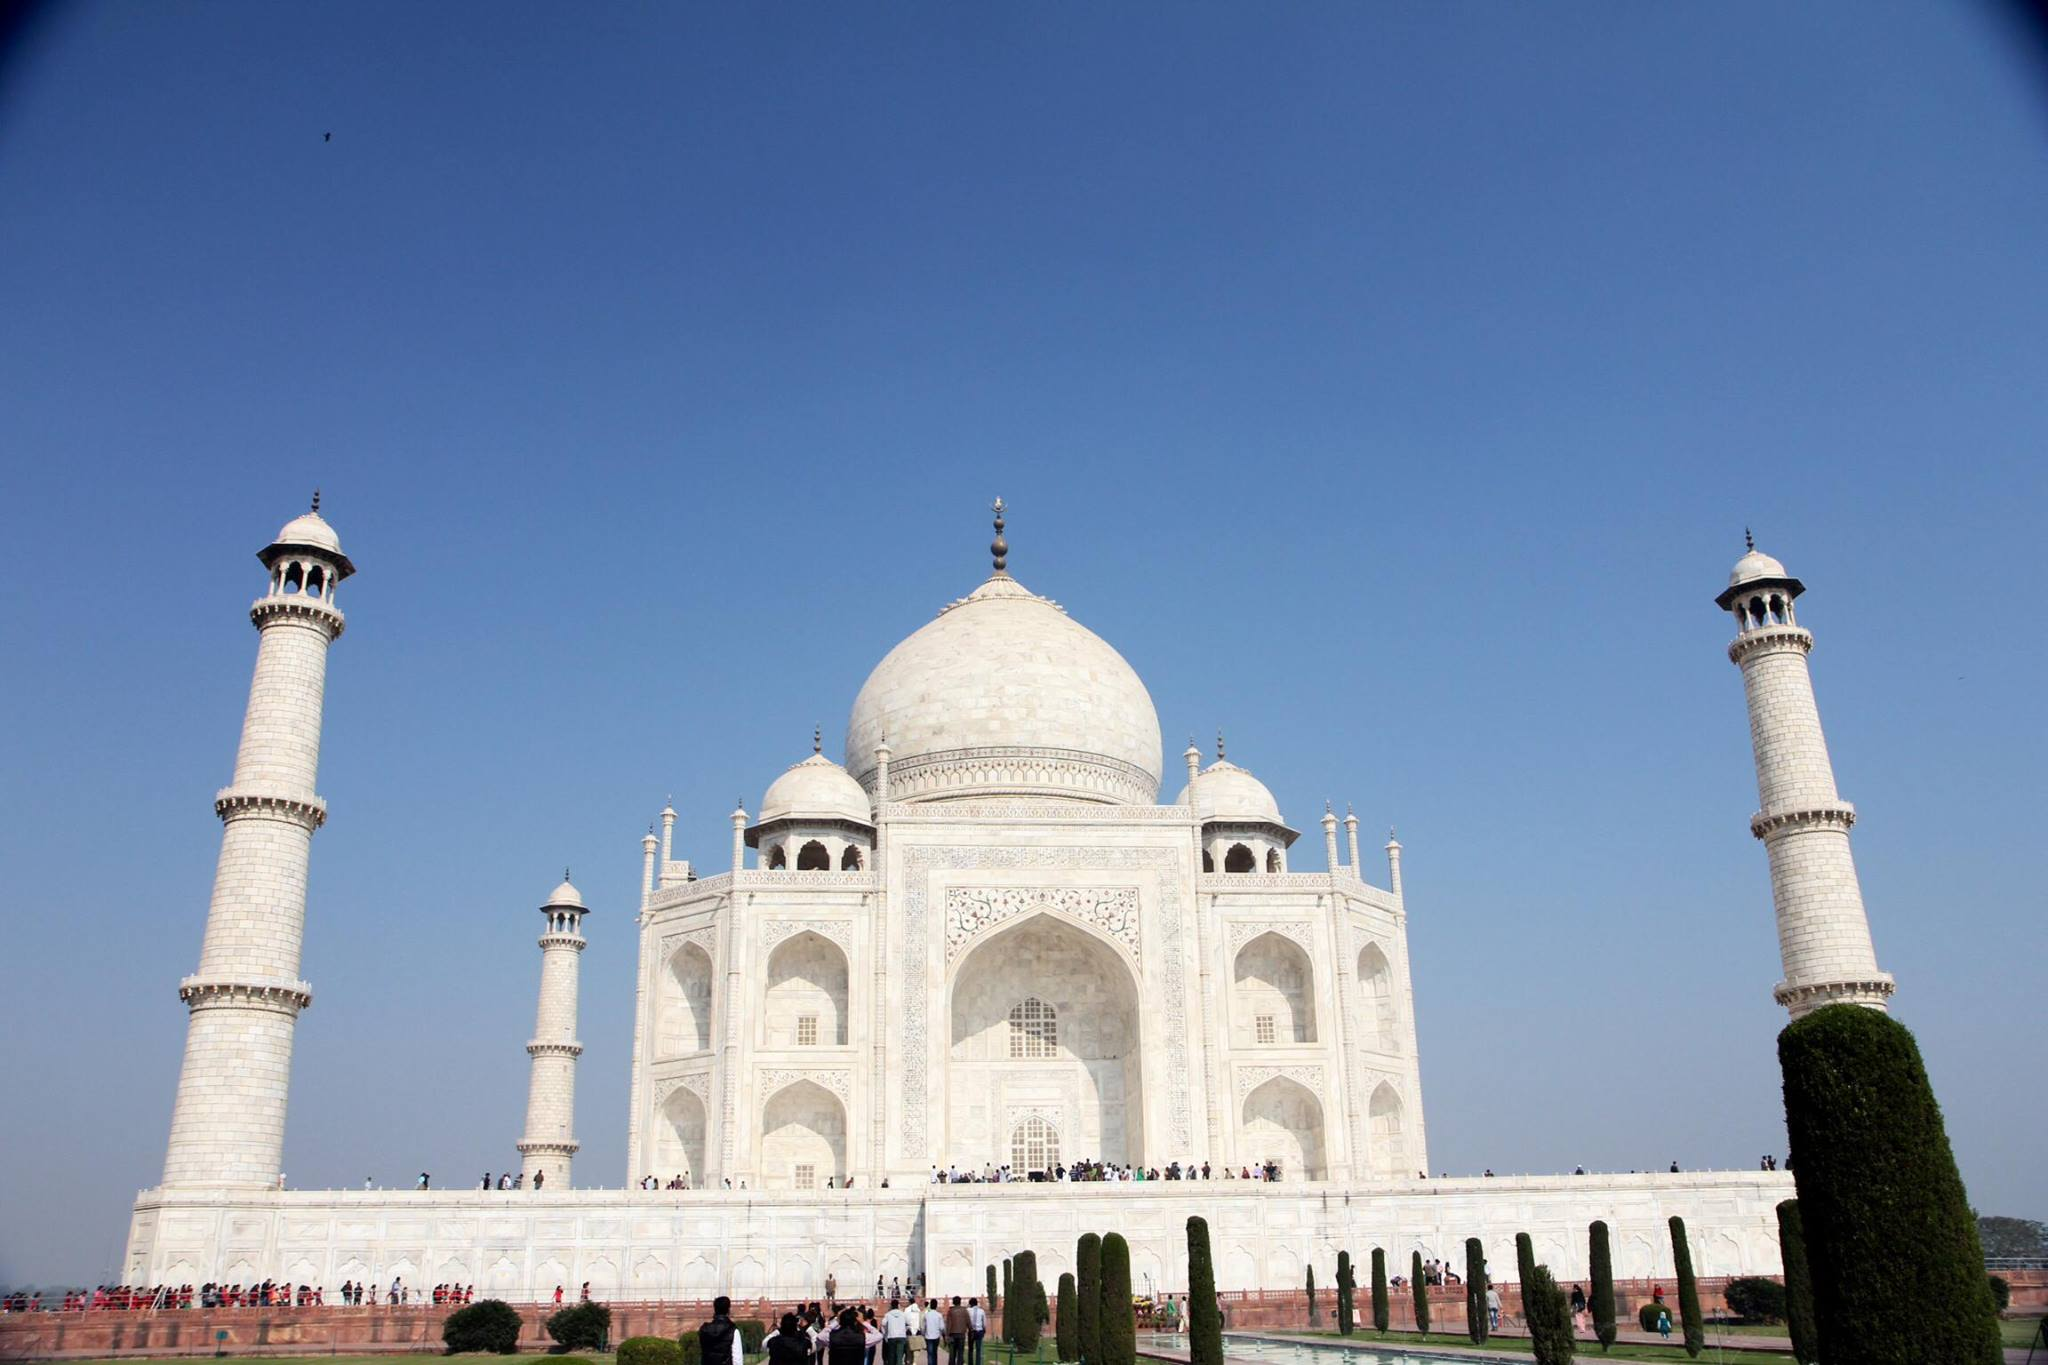 Vooraanzicht van de prachtige Taj Mahal in Agra